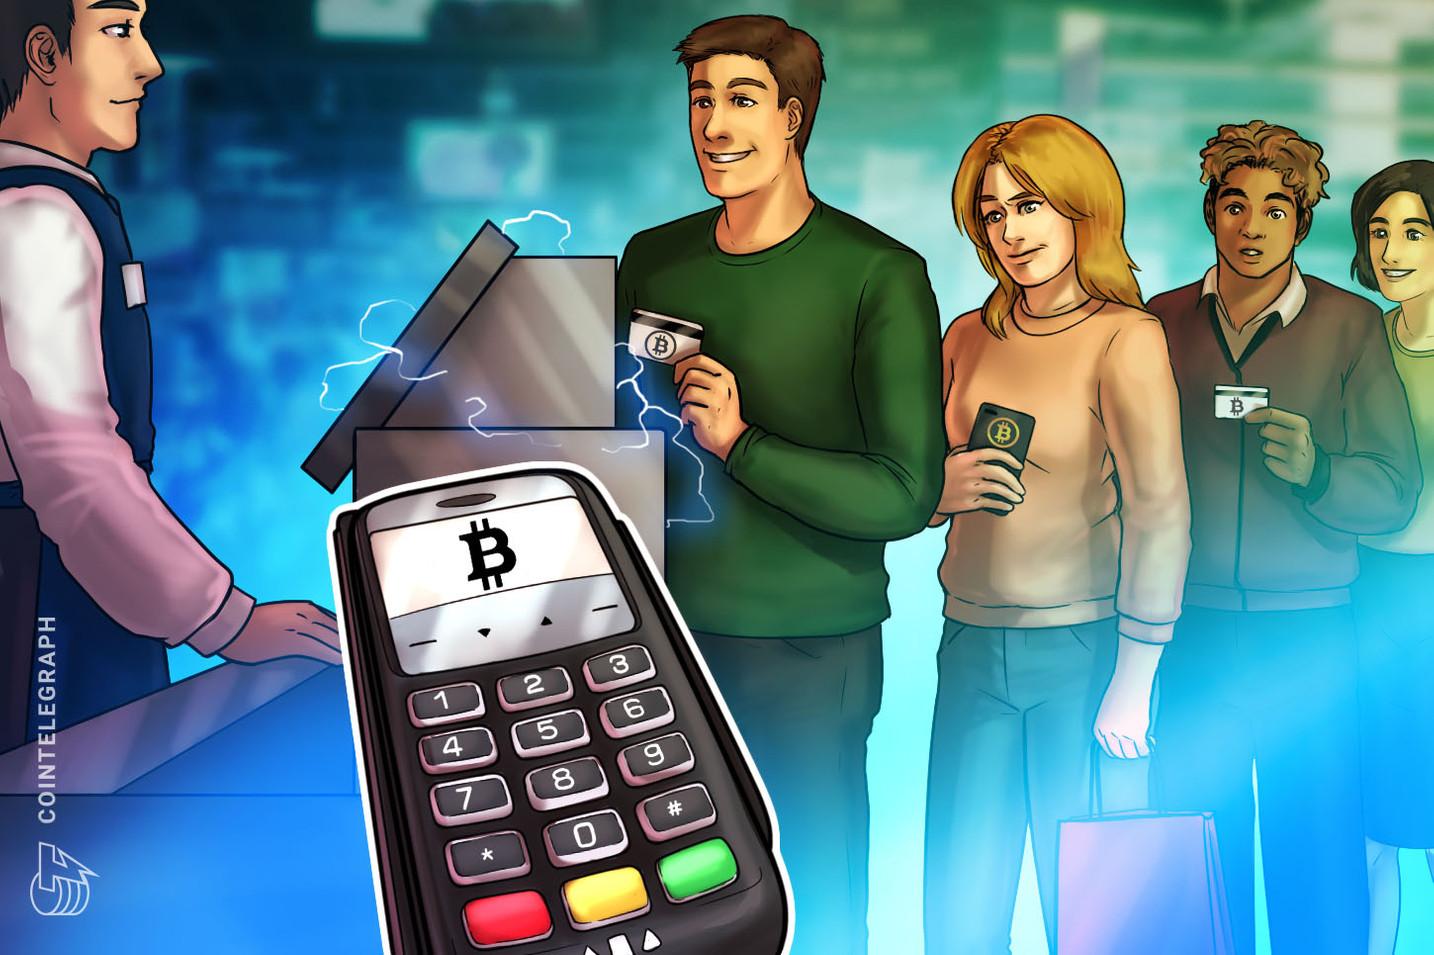 アマゾンのバウチャーを仮想通貨ビットコインで購入|ビットフィネックスがビットリフィルと提携【ニュース】